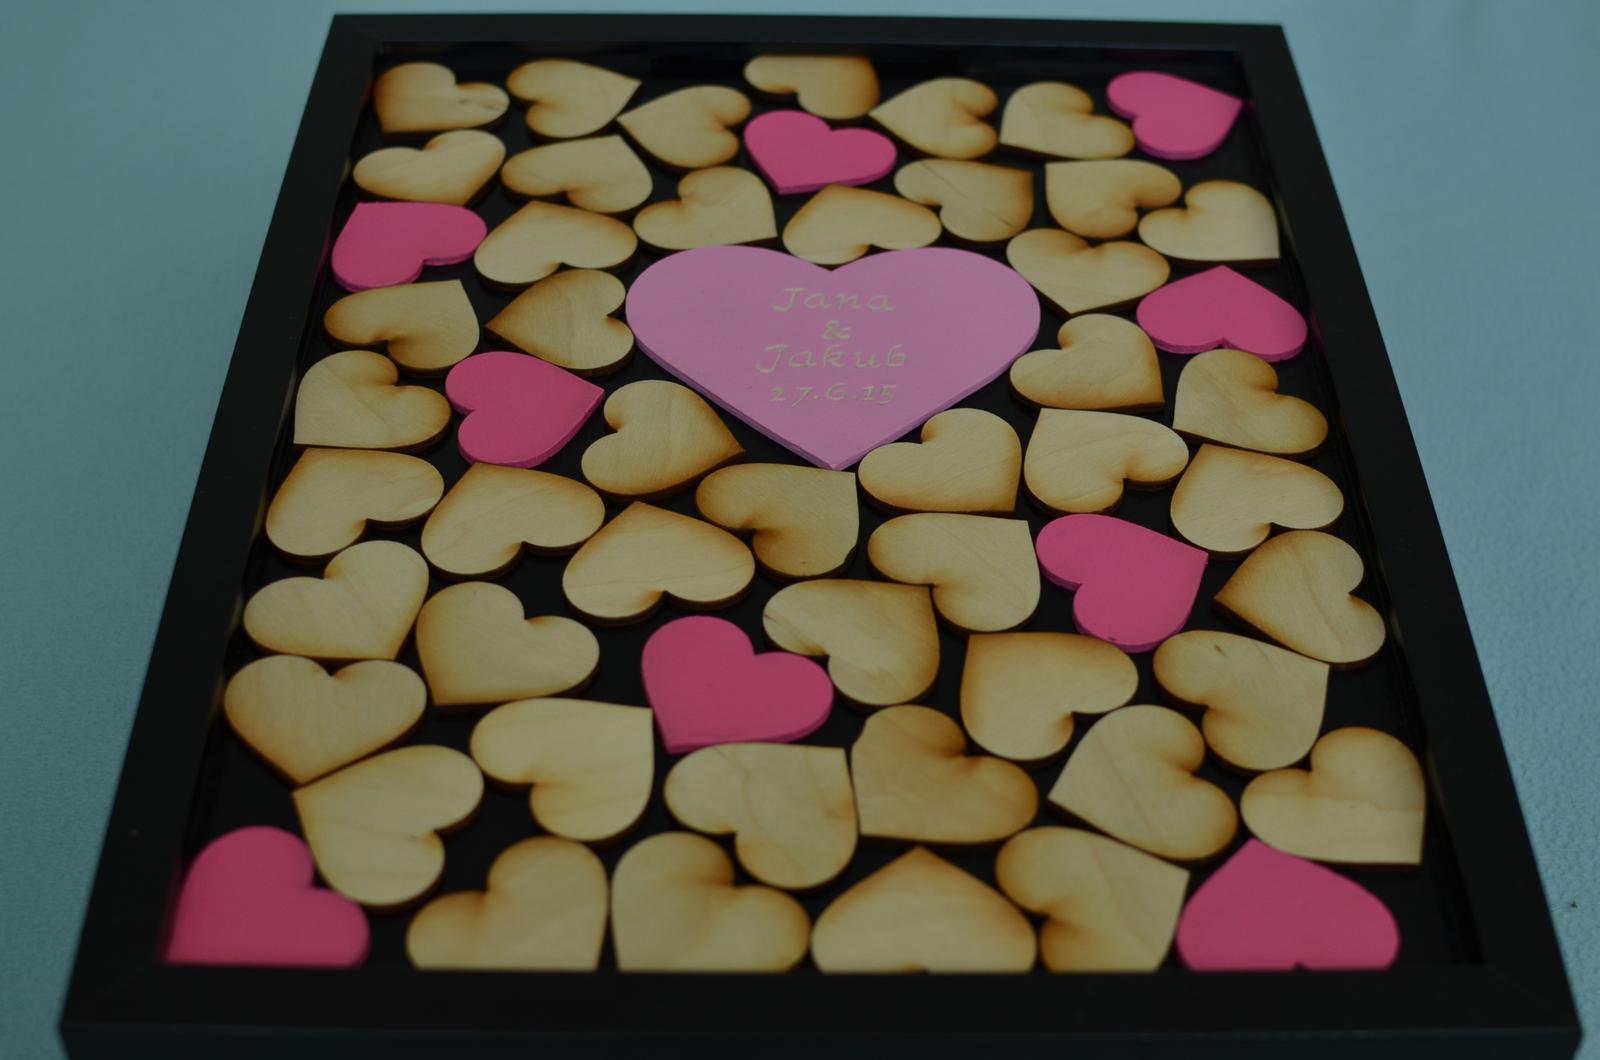 Rám srdce s barevnými srdíčky - Obrázek č. 1